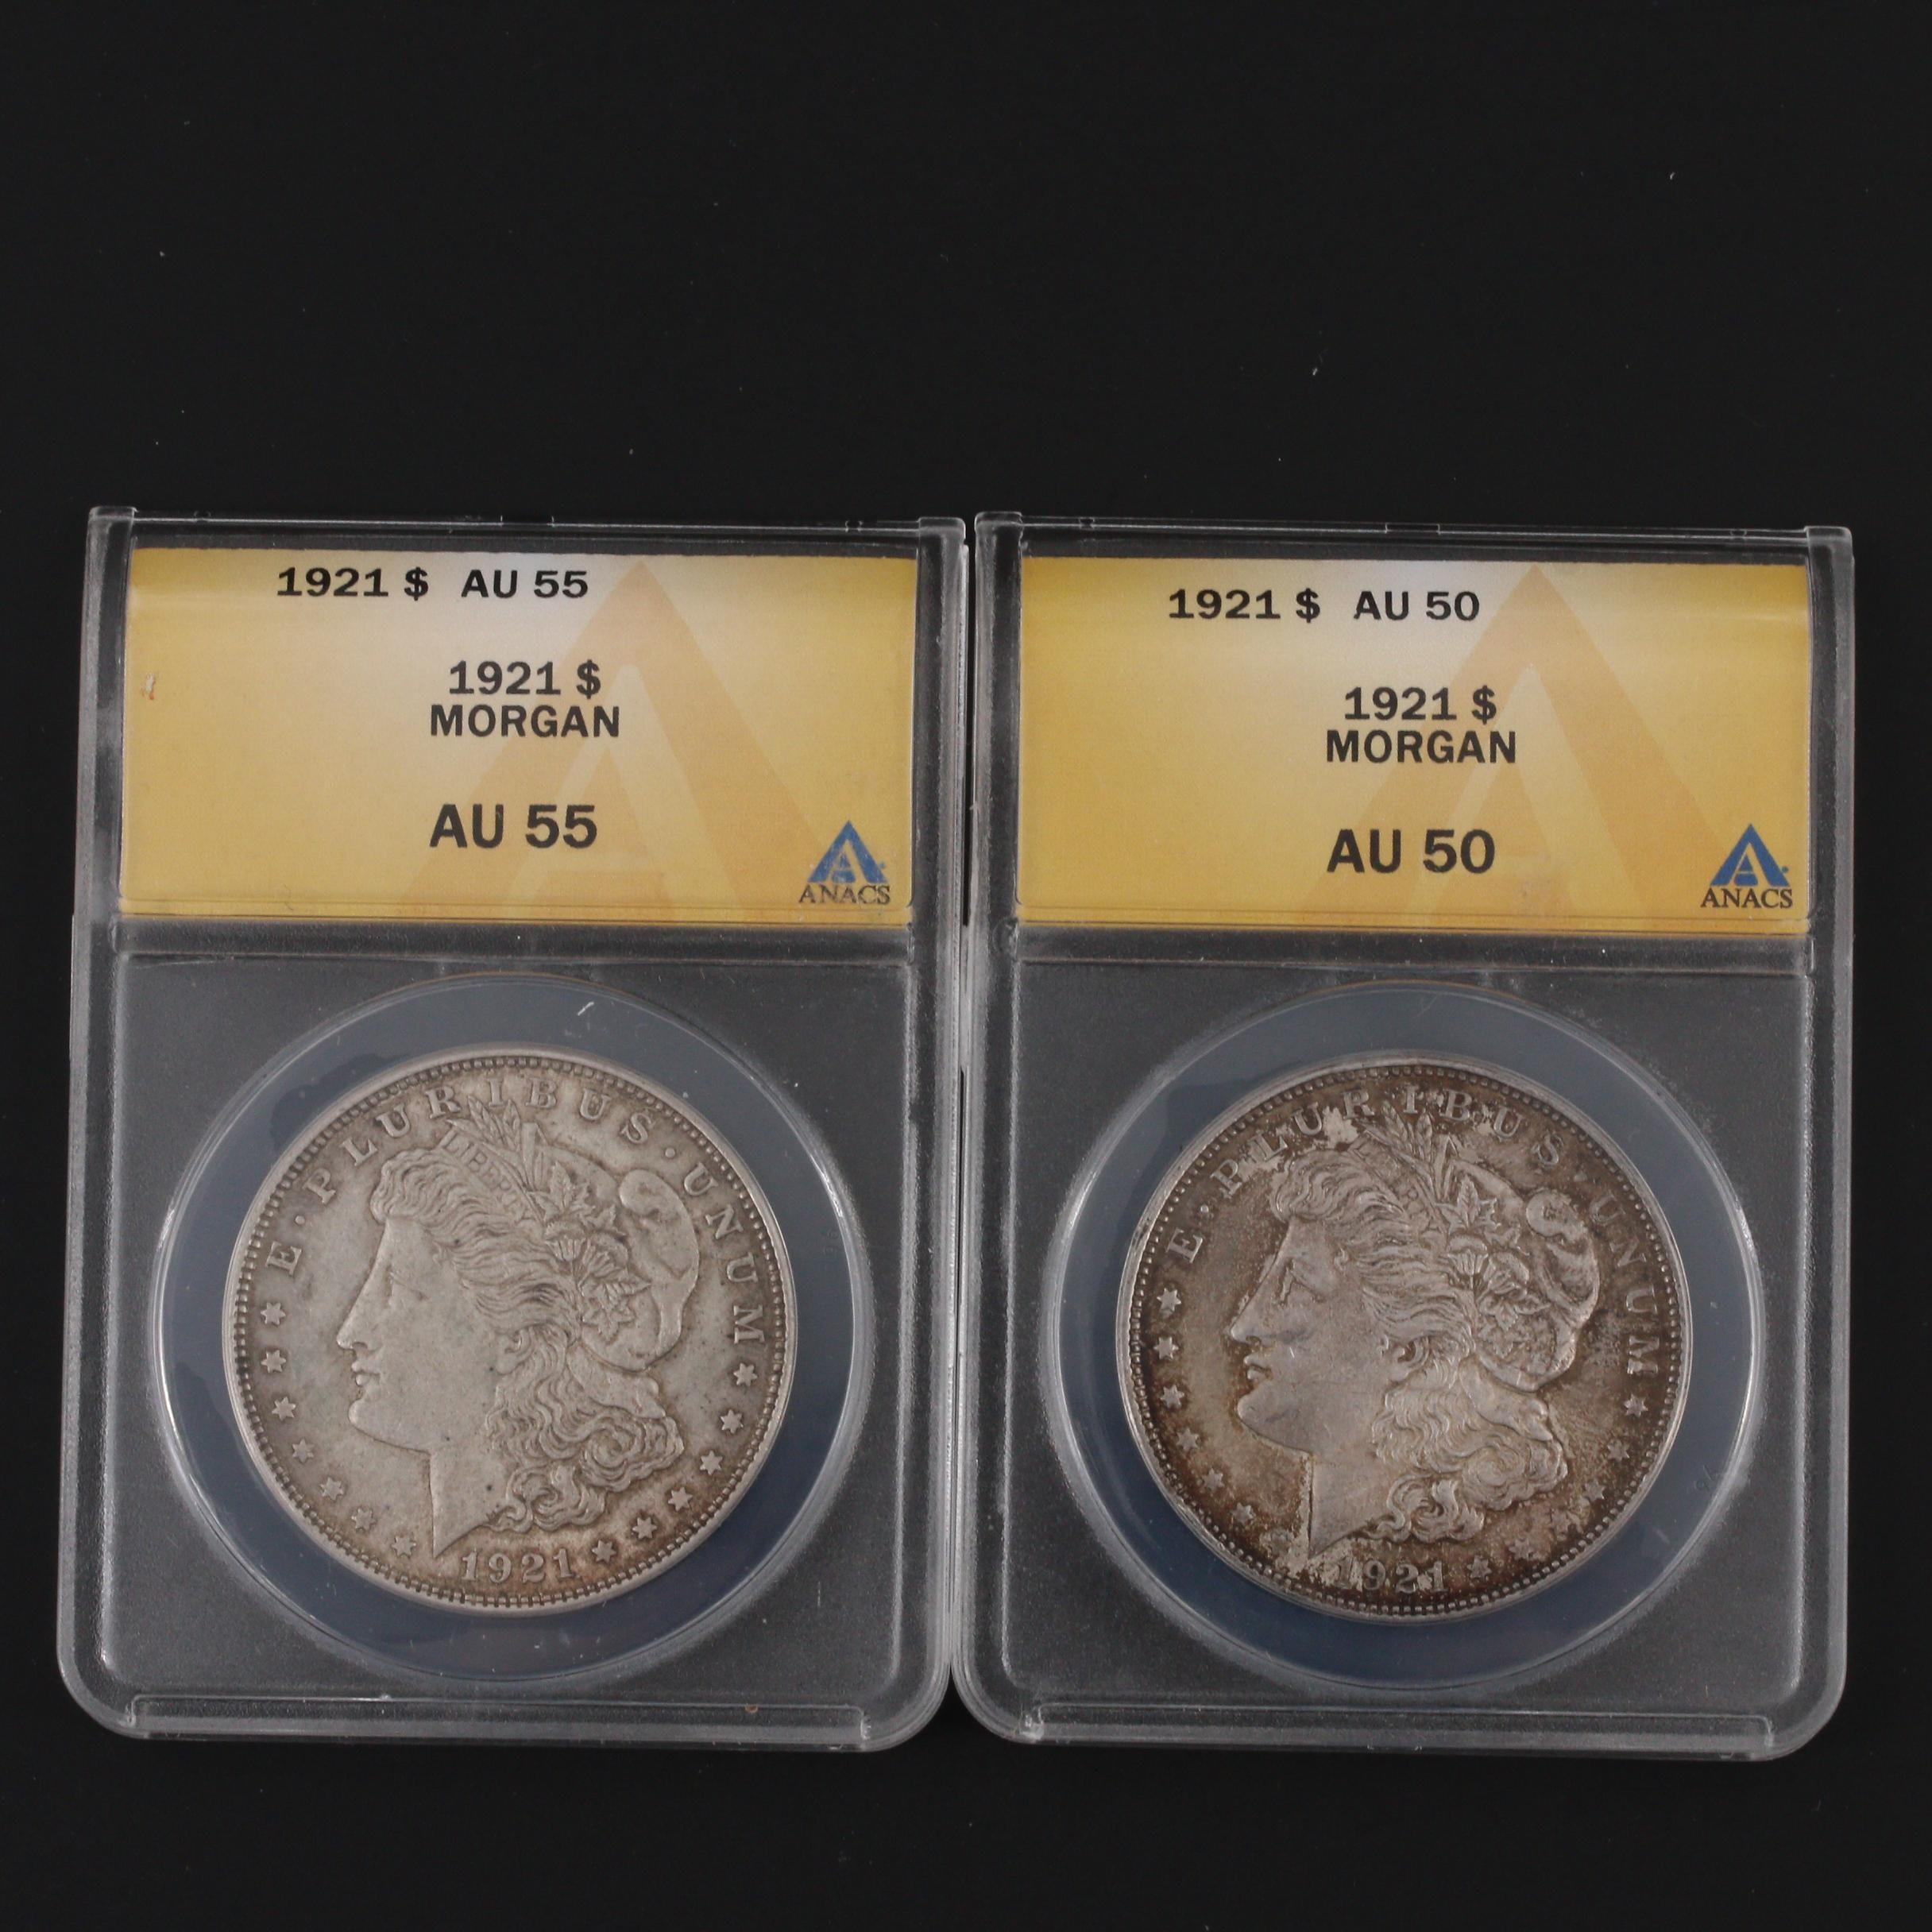 Group of 2 ANACS Graded 1921 Silver Morgan Dollars